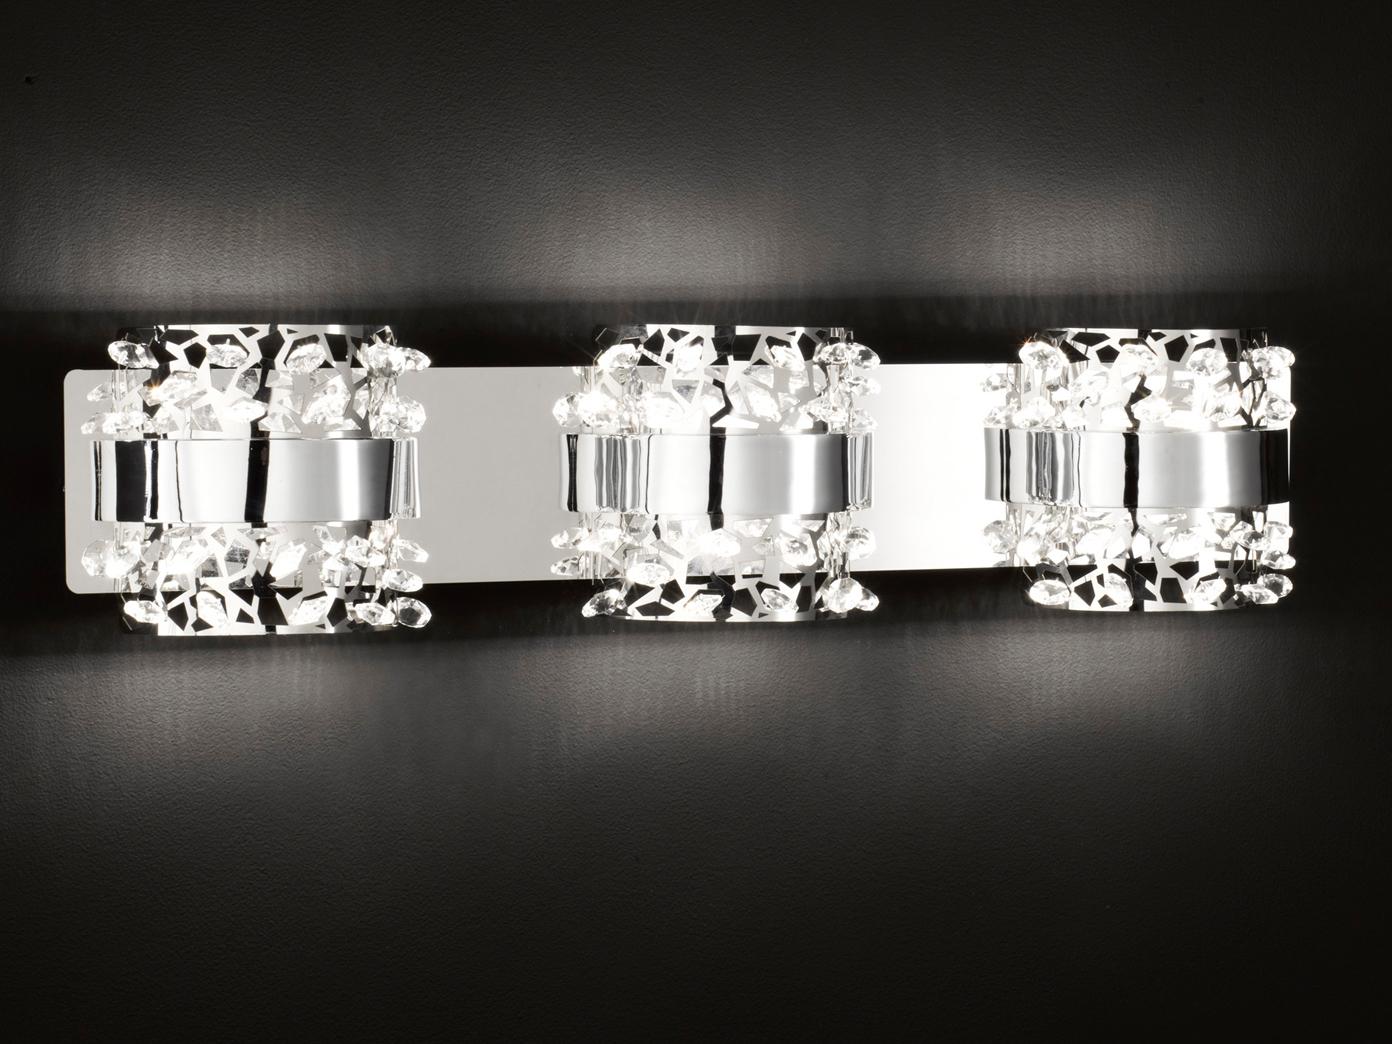 Illuminazione parete applique led cromo cromo cromo vetro